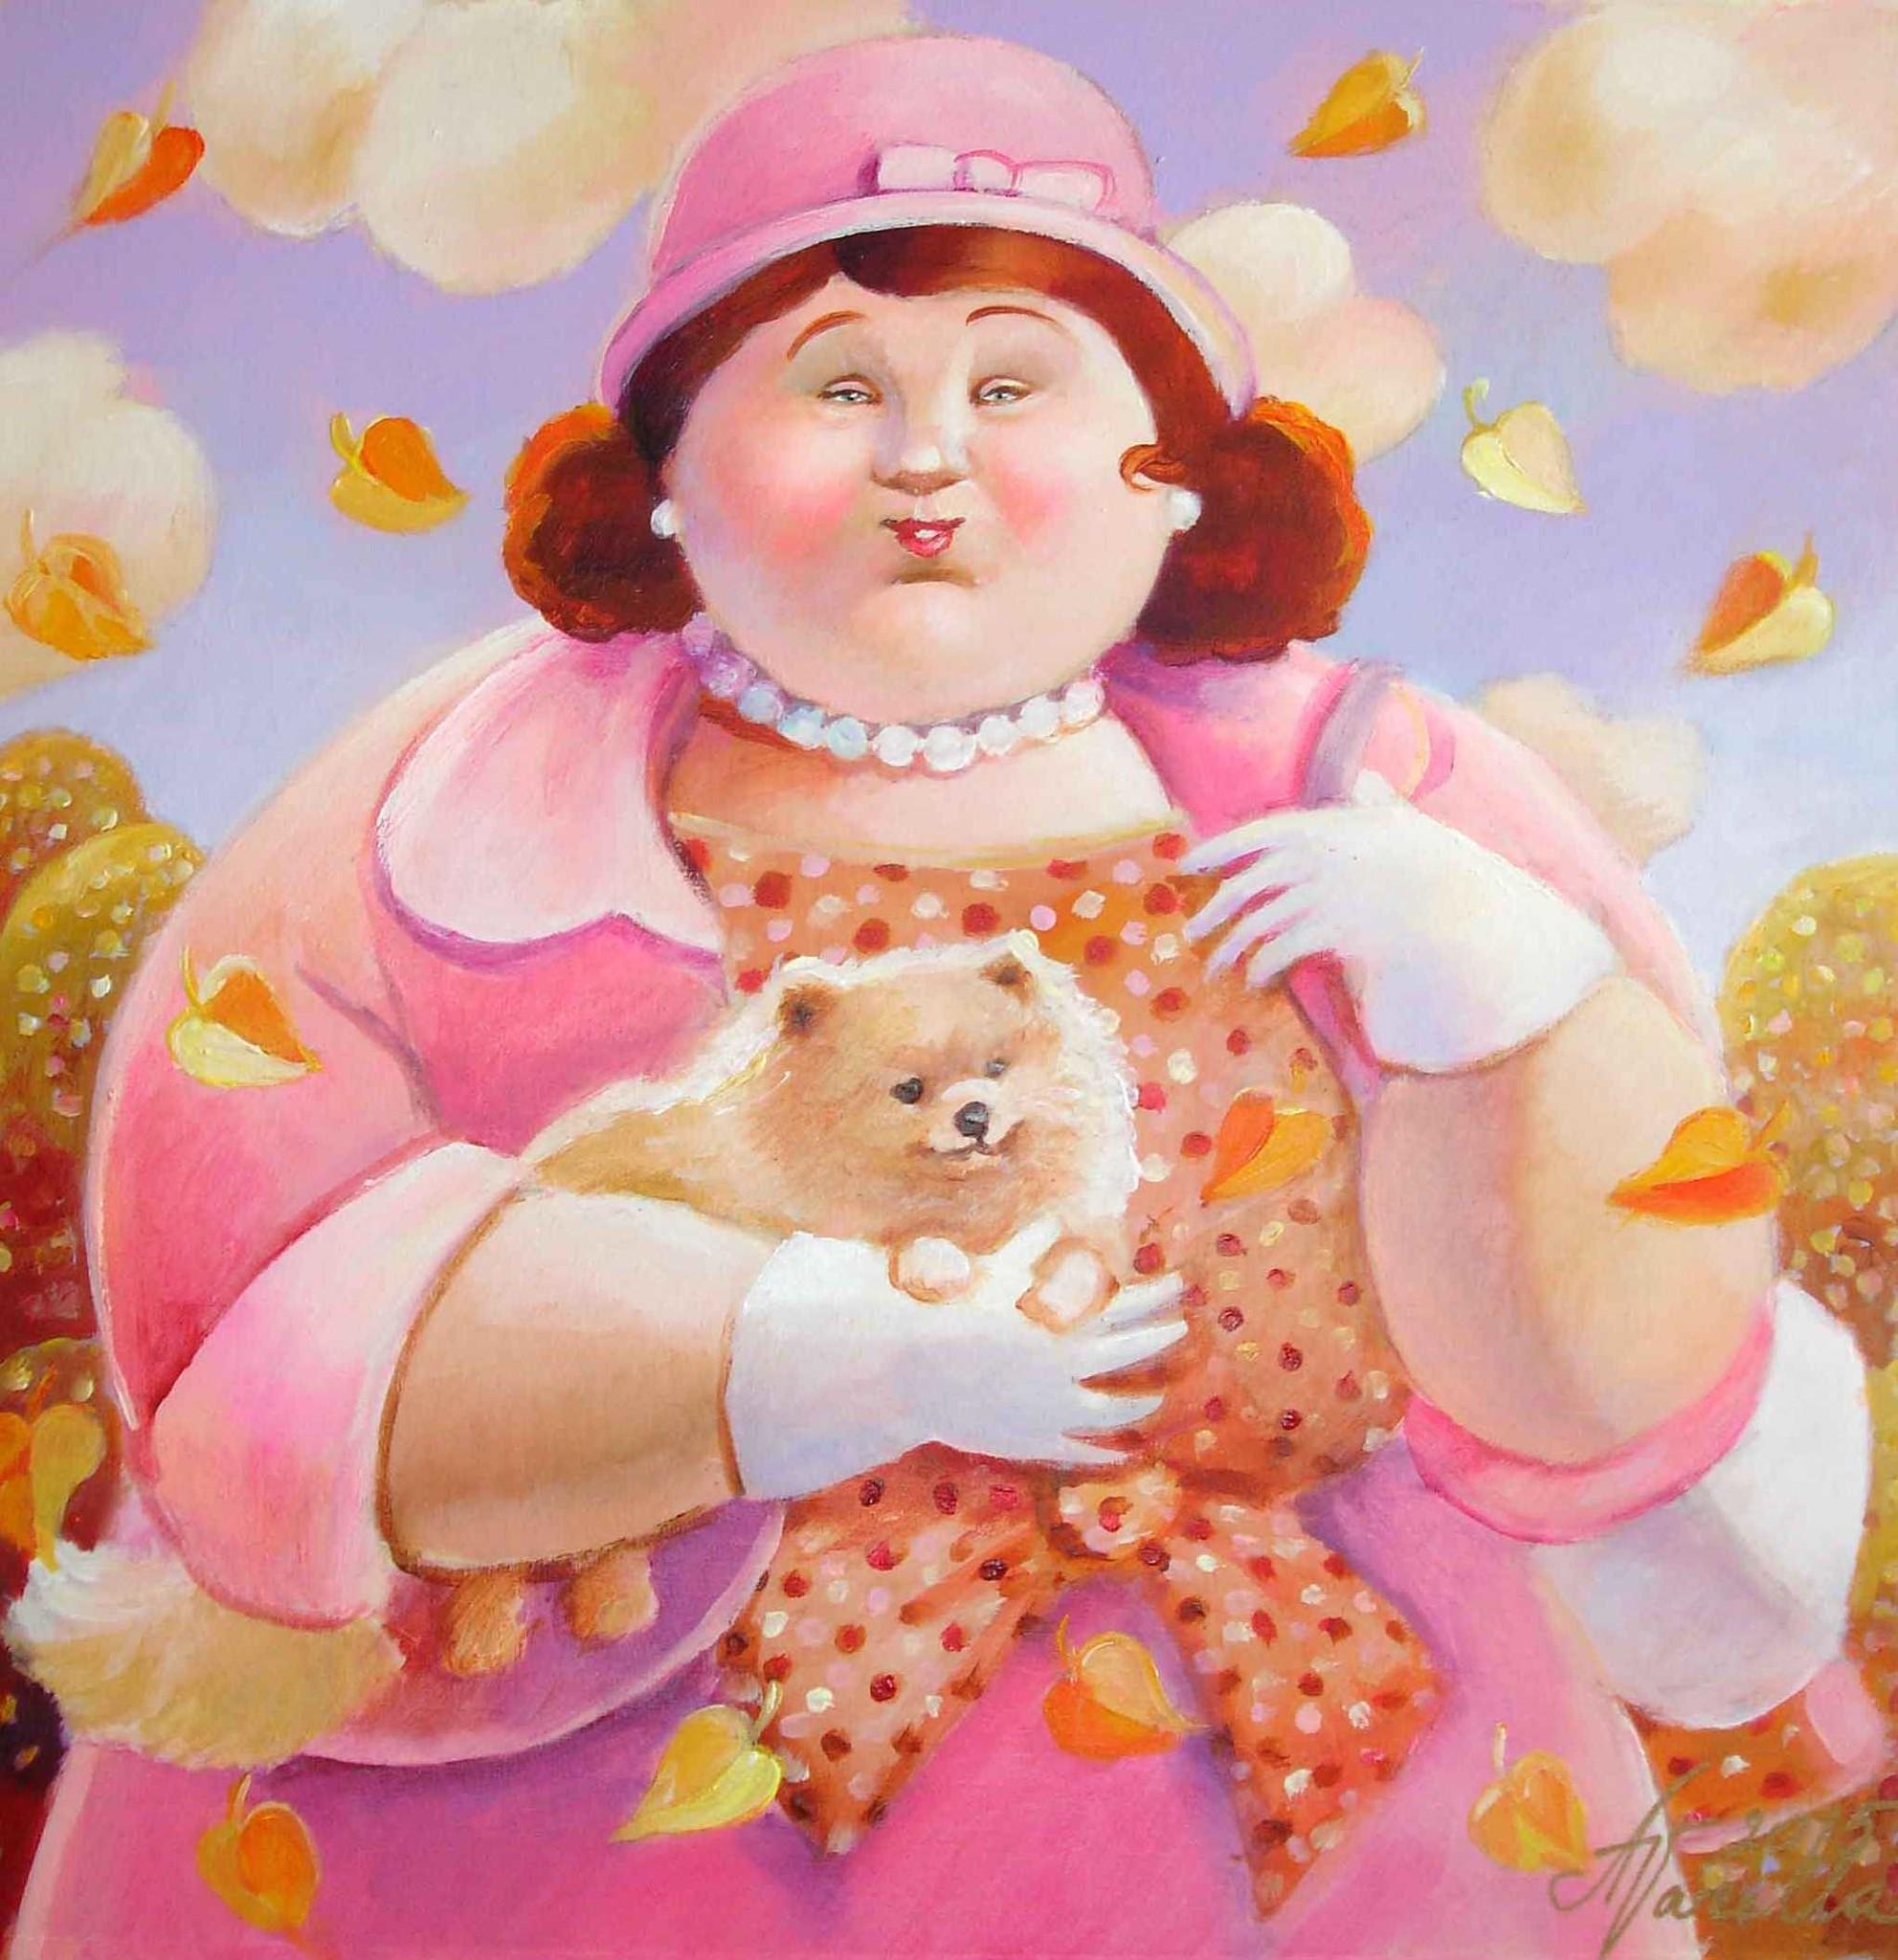 Милая толстушка картинка